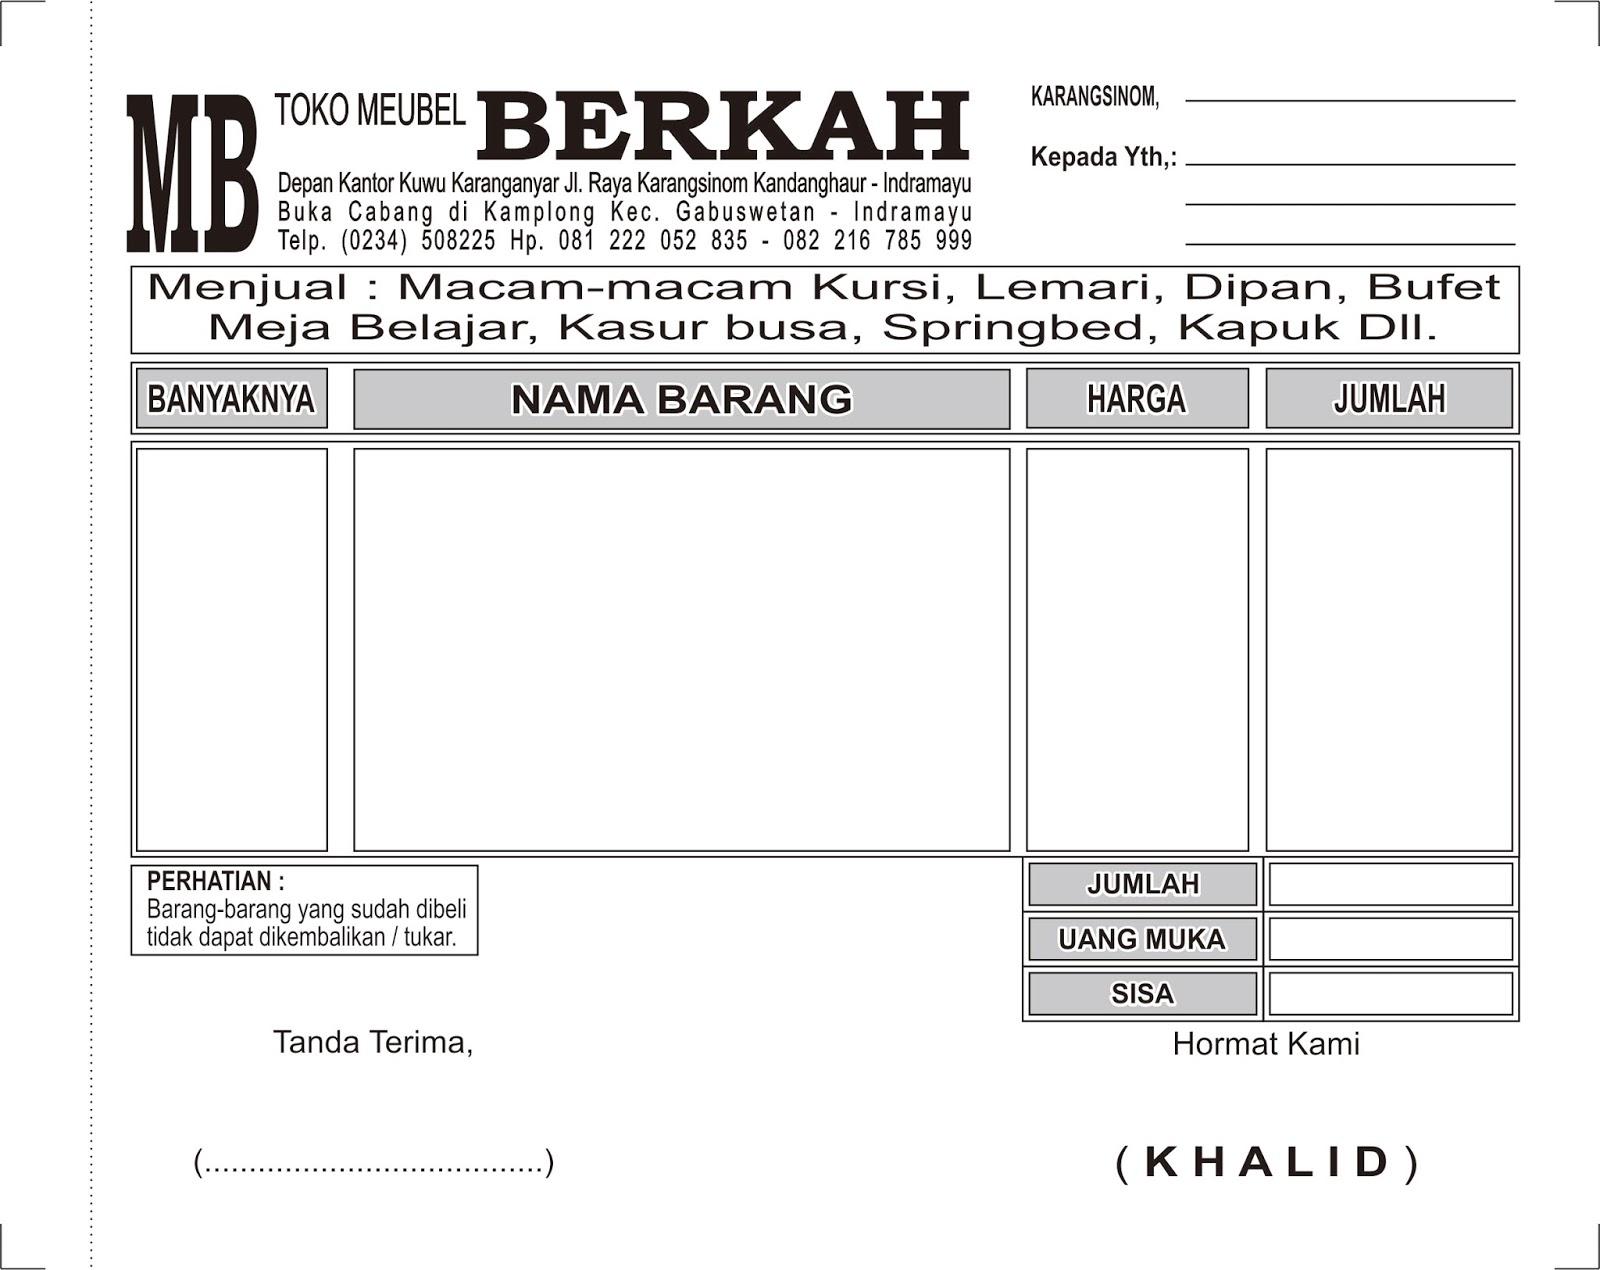 Cetak Nota Toko Meubel Berkah Alfi Percetakan Dan Digital